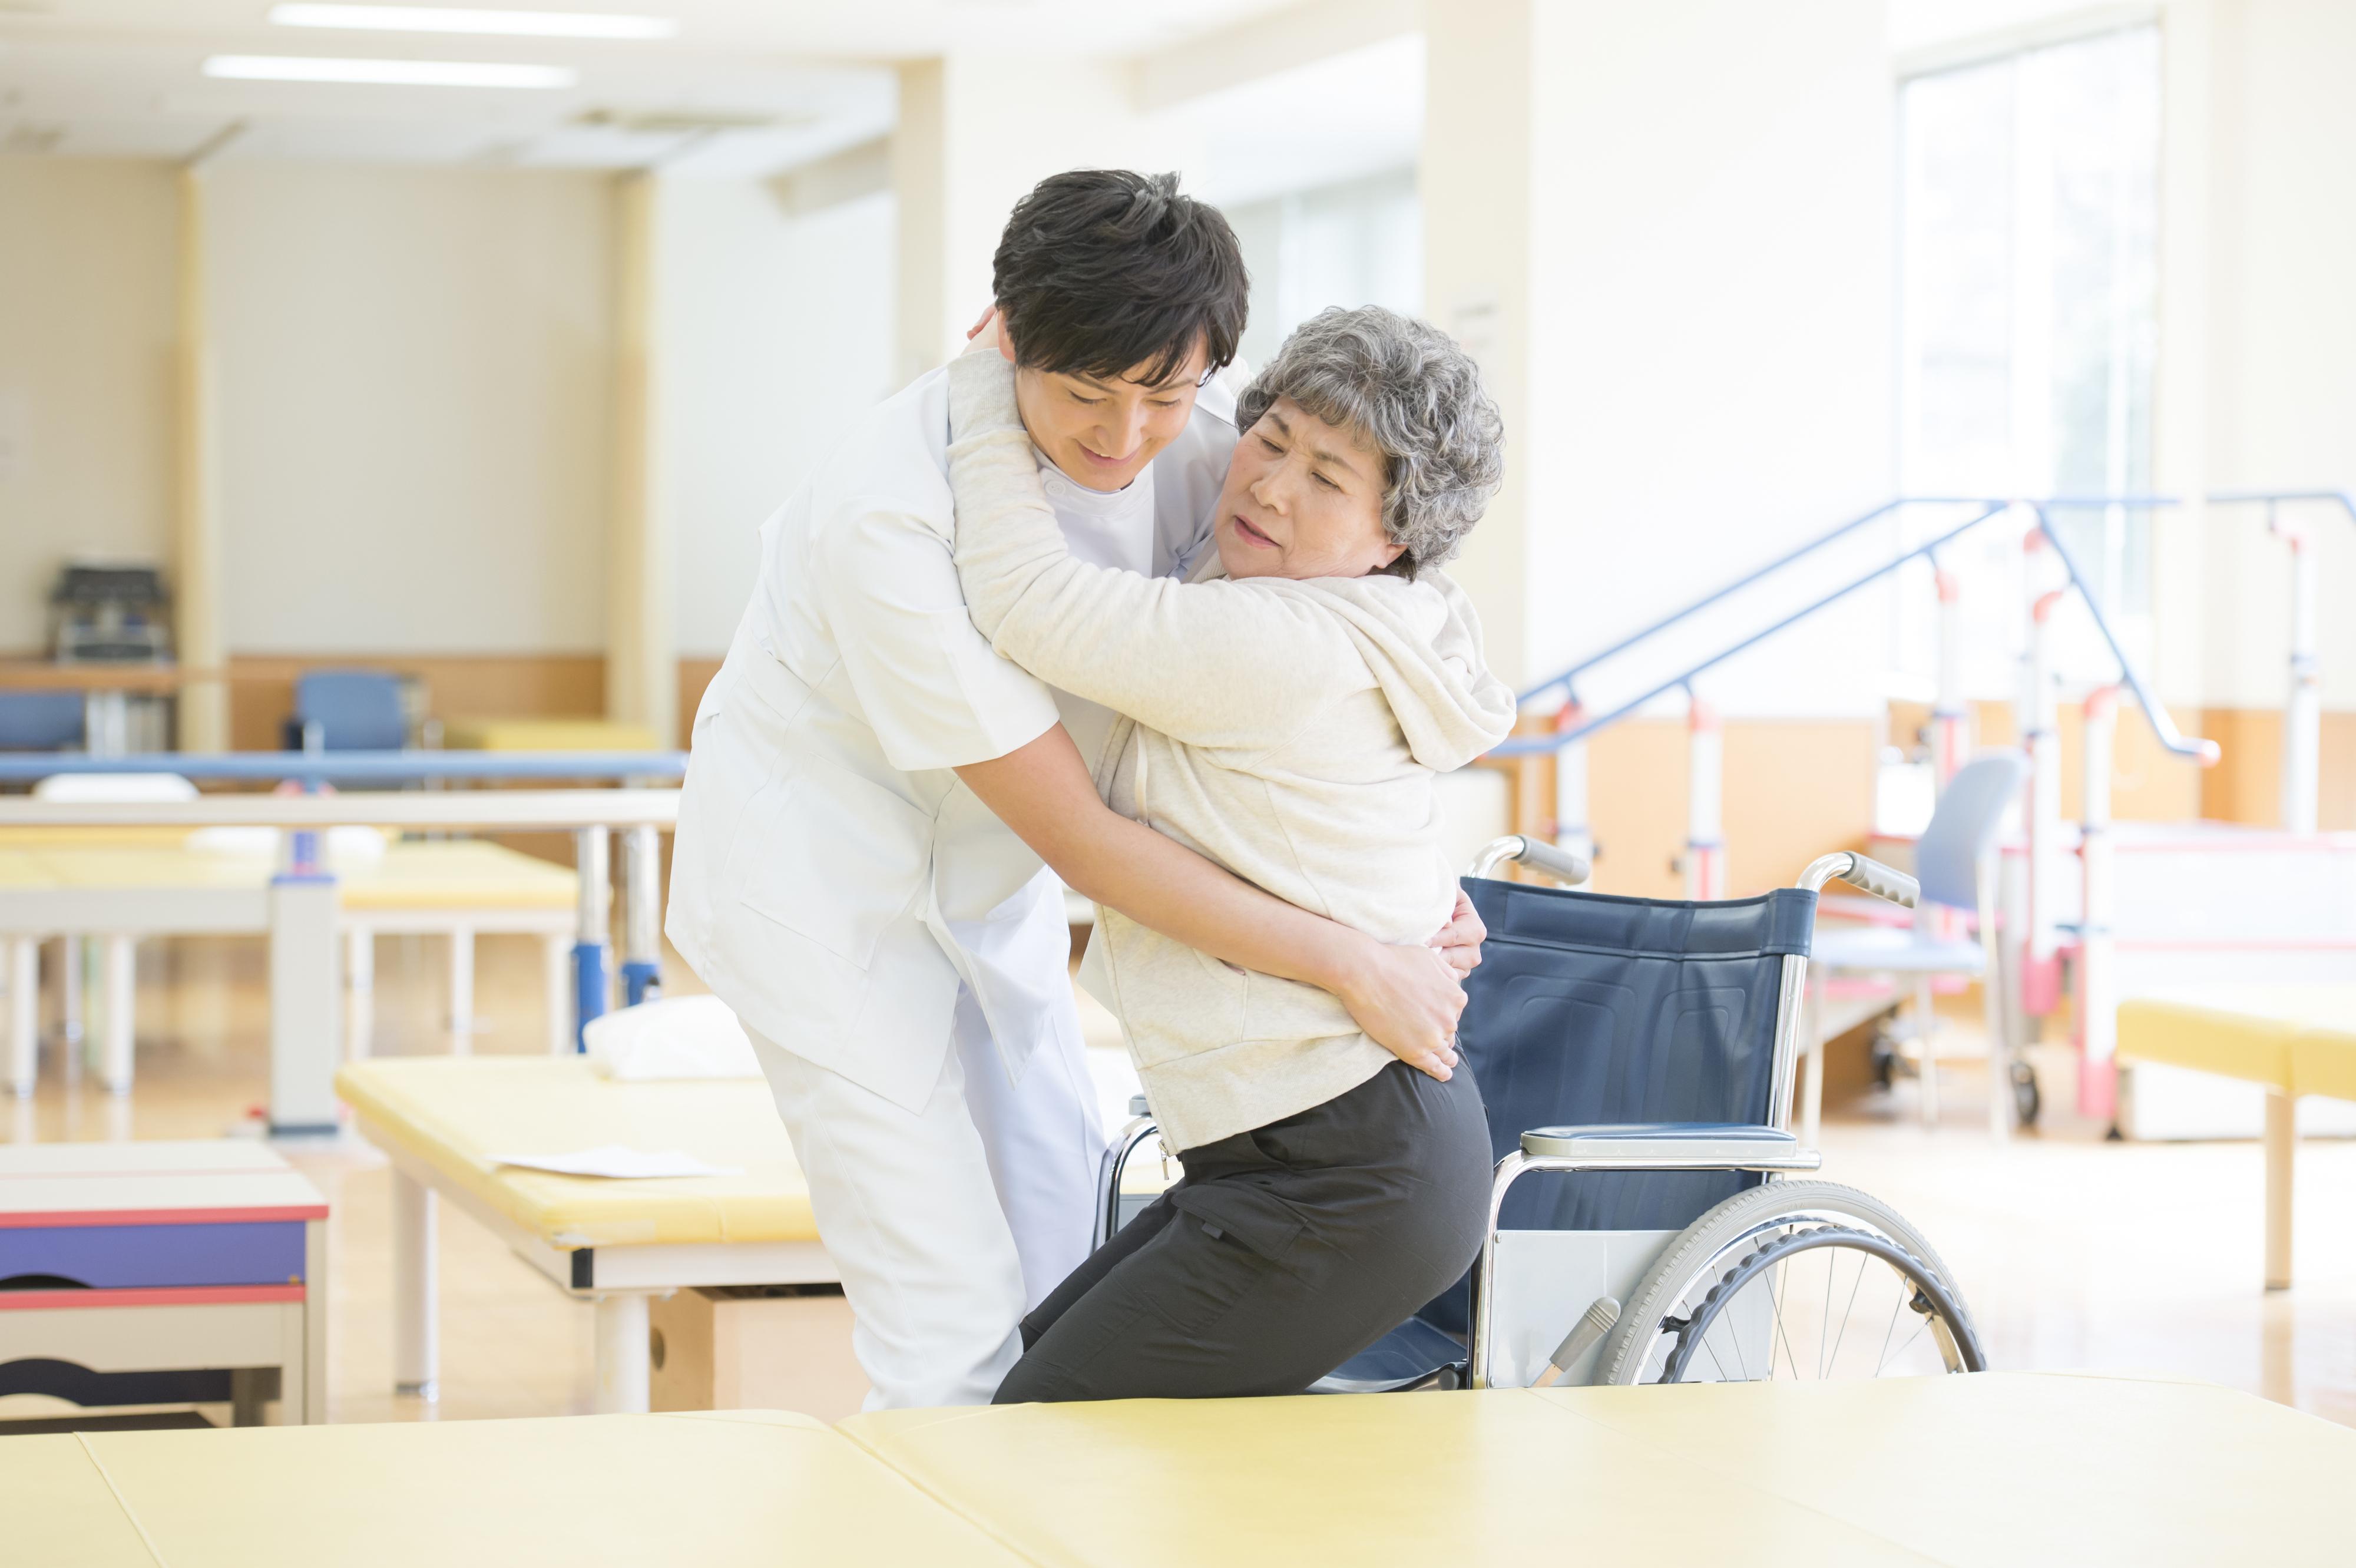 病院直営の居宅介護支援事業所で介護の求人